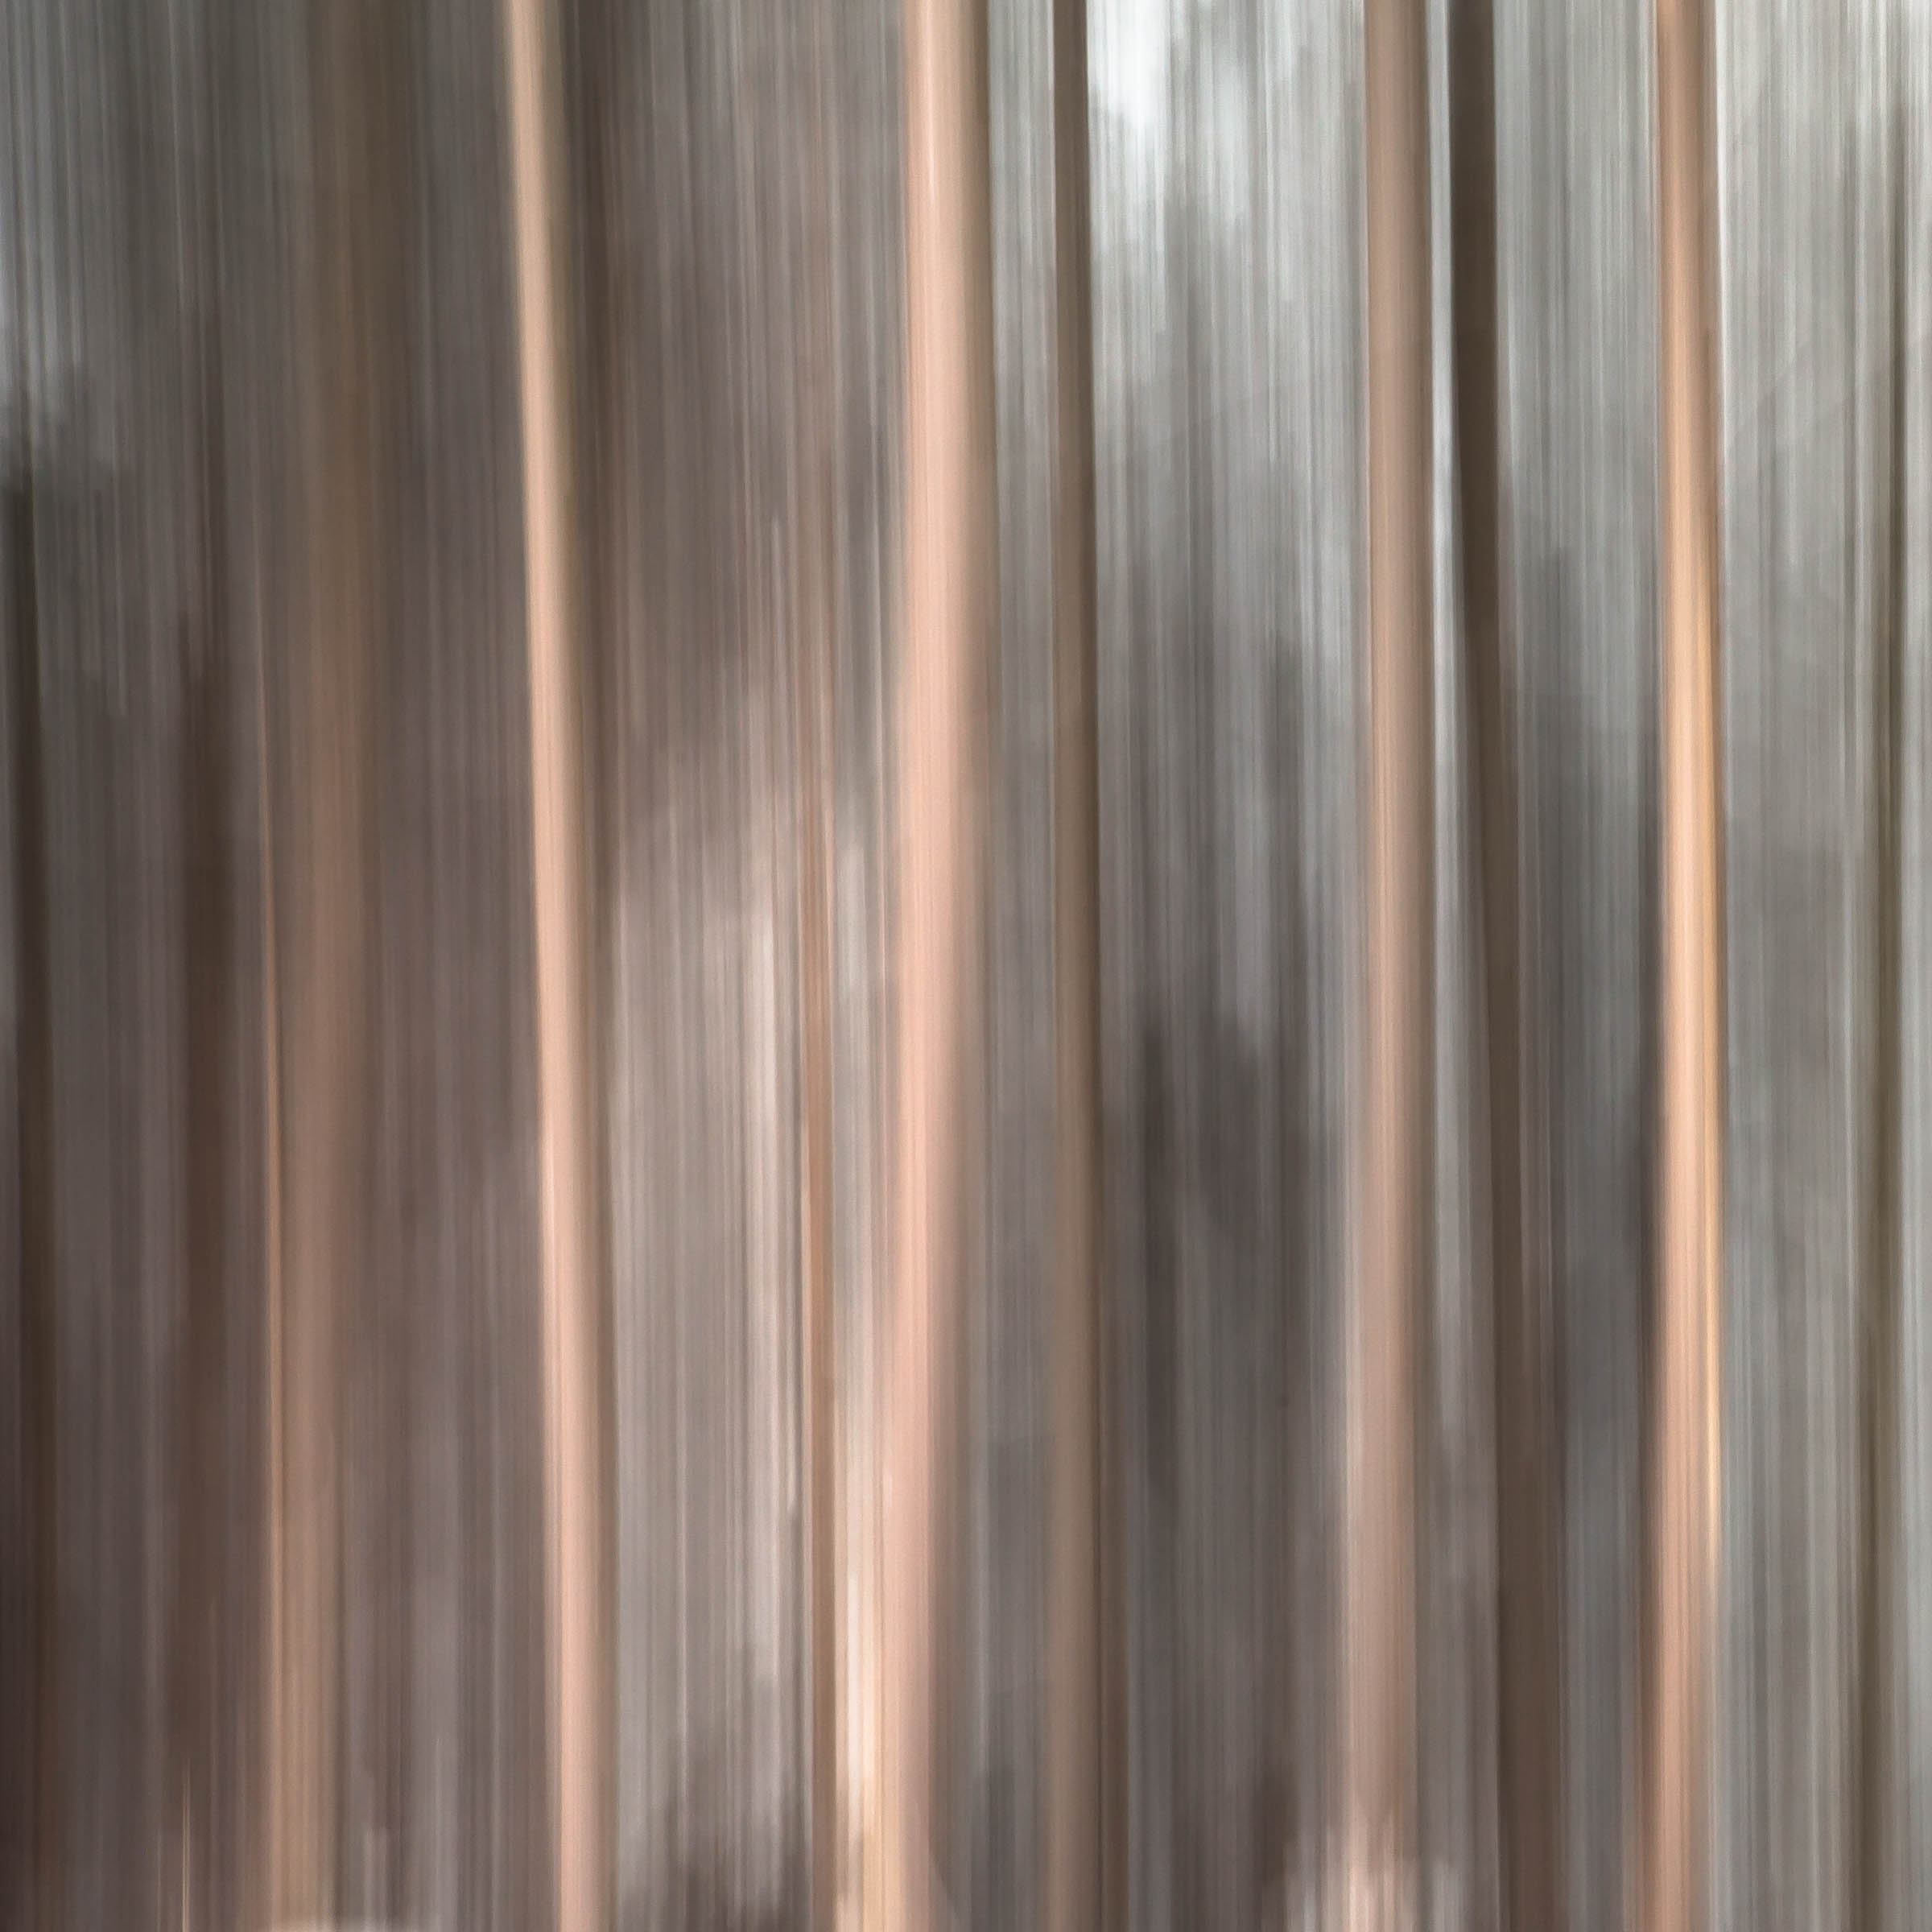 IMGL2496_Deep in the Woods.jpg